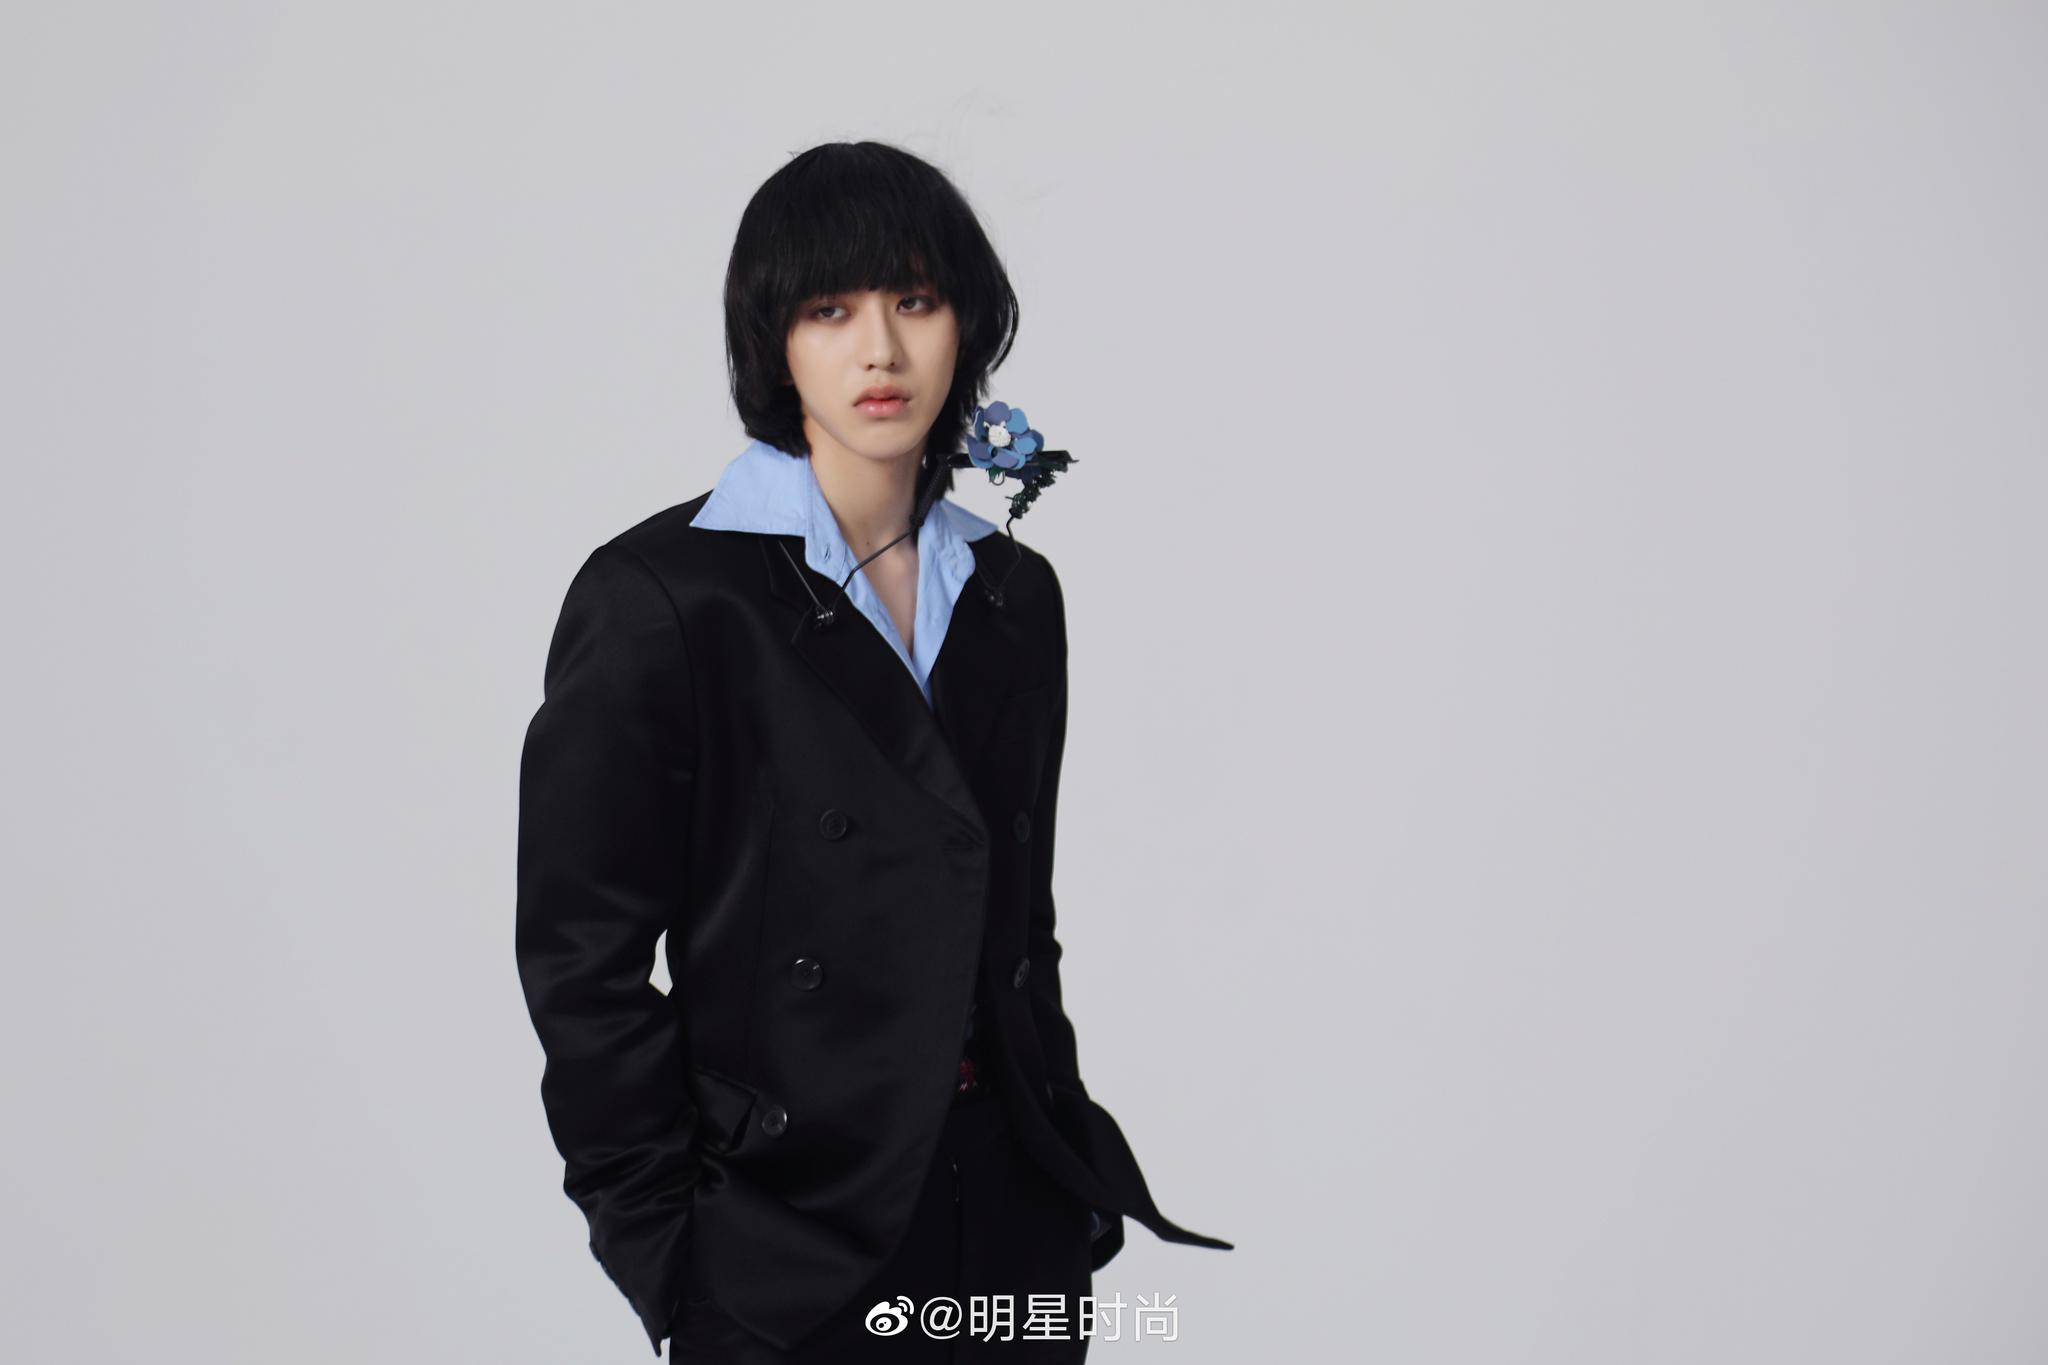 蔡徐坤时尚大片,演绎复古潮流风格,尽显年轻自信态度!